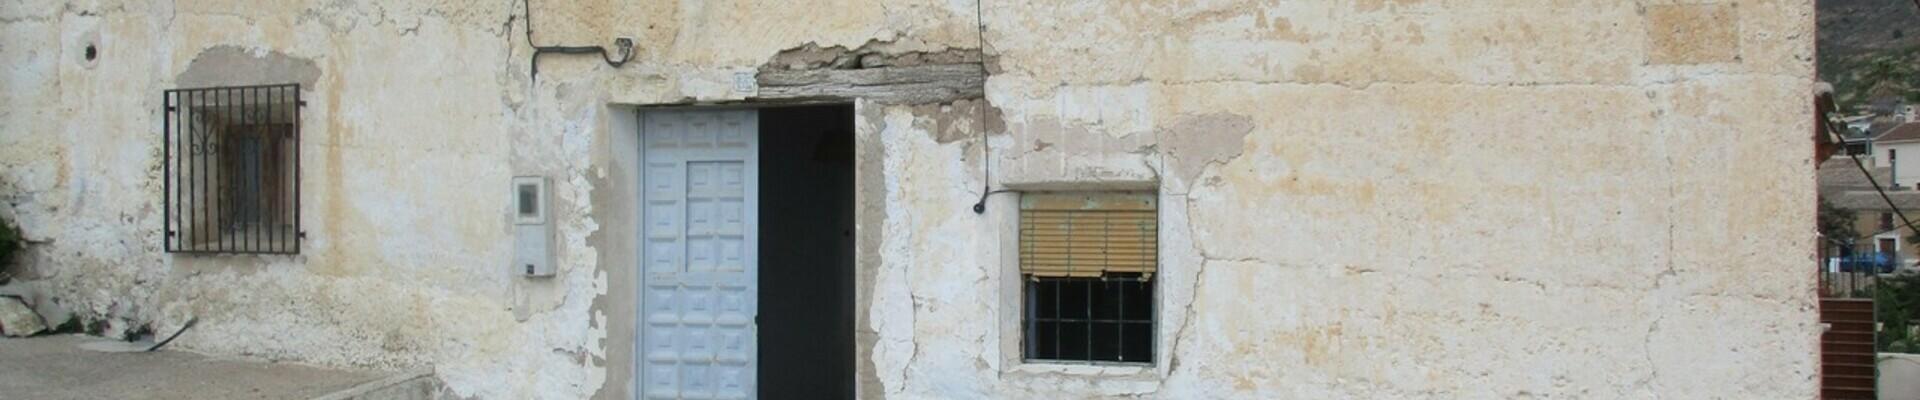 AF639: 3 Bedroom Townhouse for Sale